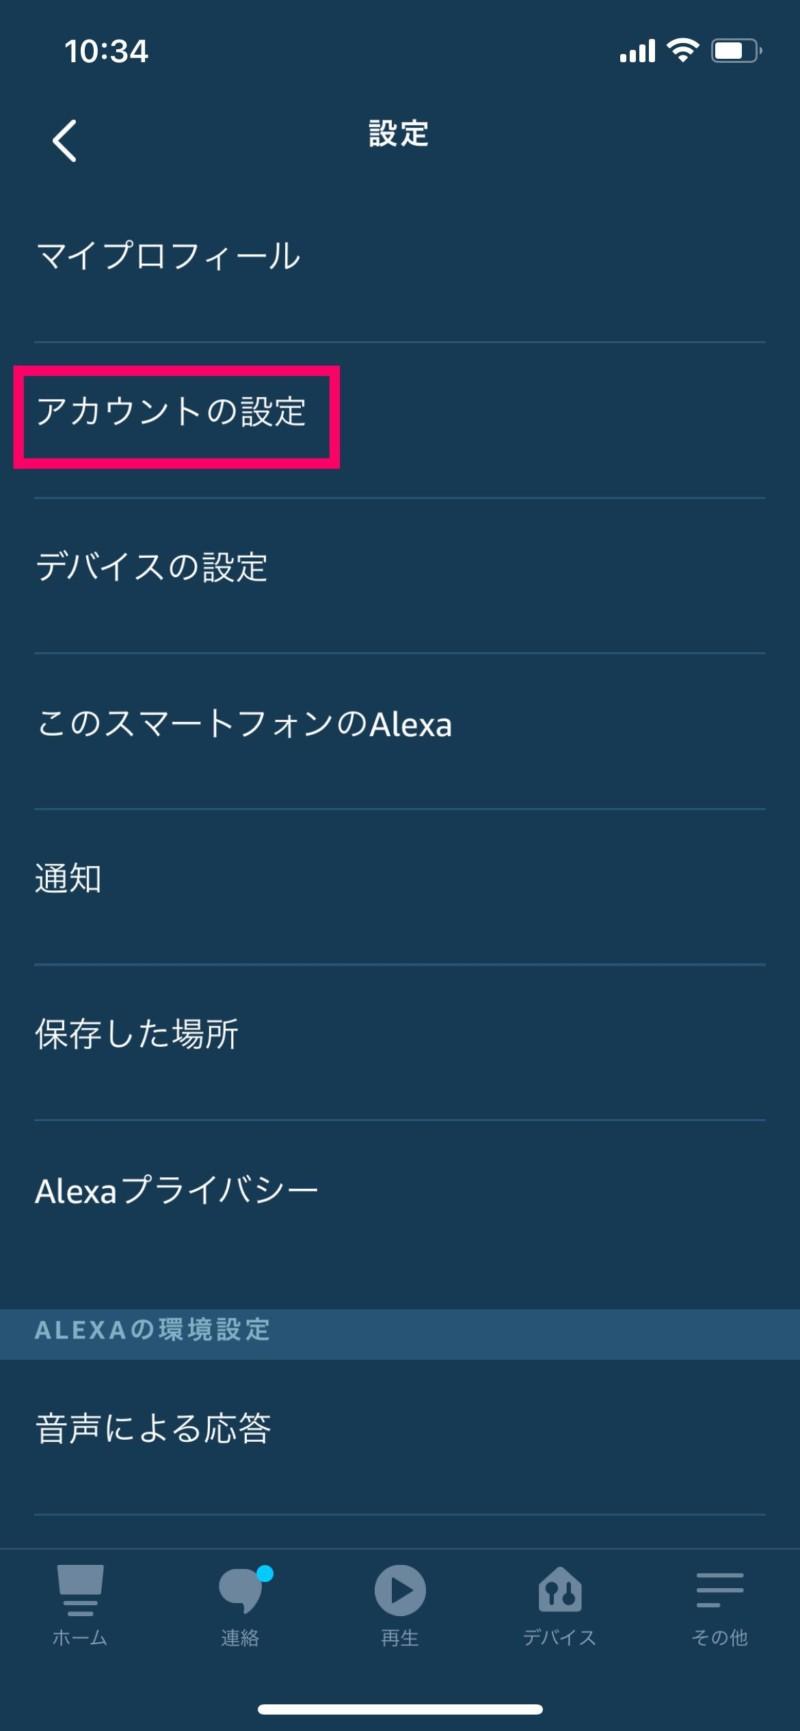 Amazon AlexaアプリでAmazon Echoの音声注文を無効にする方法02